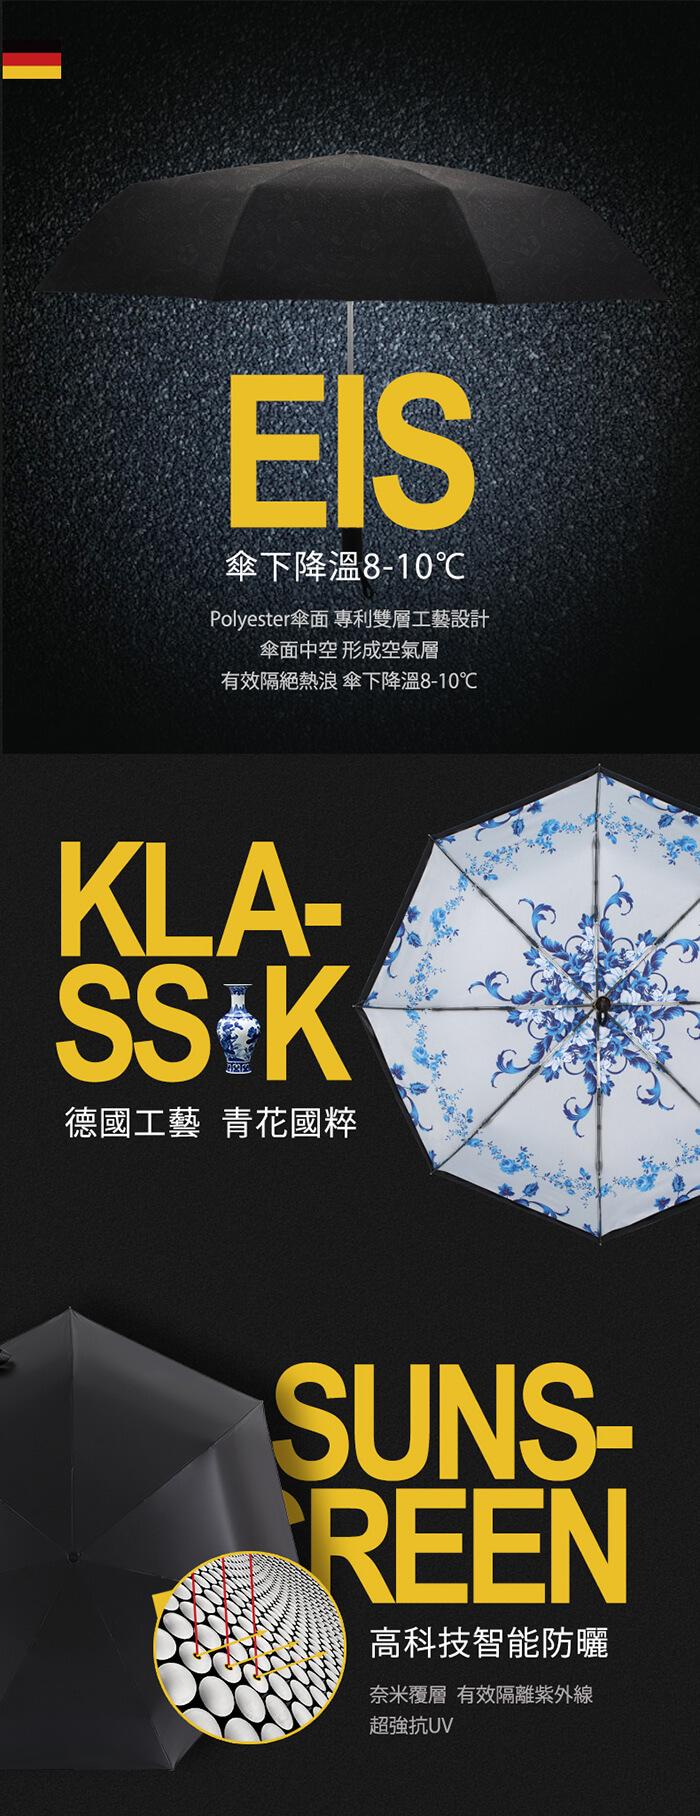 (複製)德國kobold|抗UV零透光智能防曬-油畫系列-遮陽防曬降溫傘 -雙層三折傘-巴黎